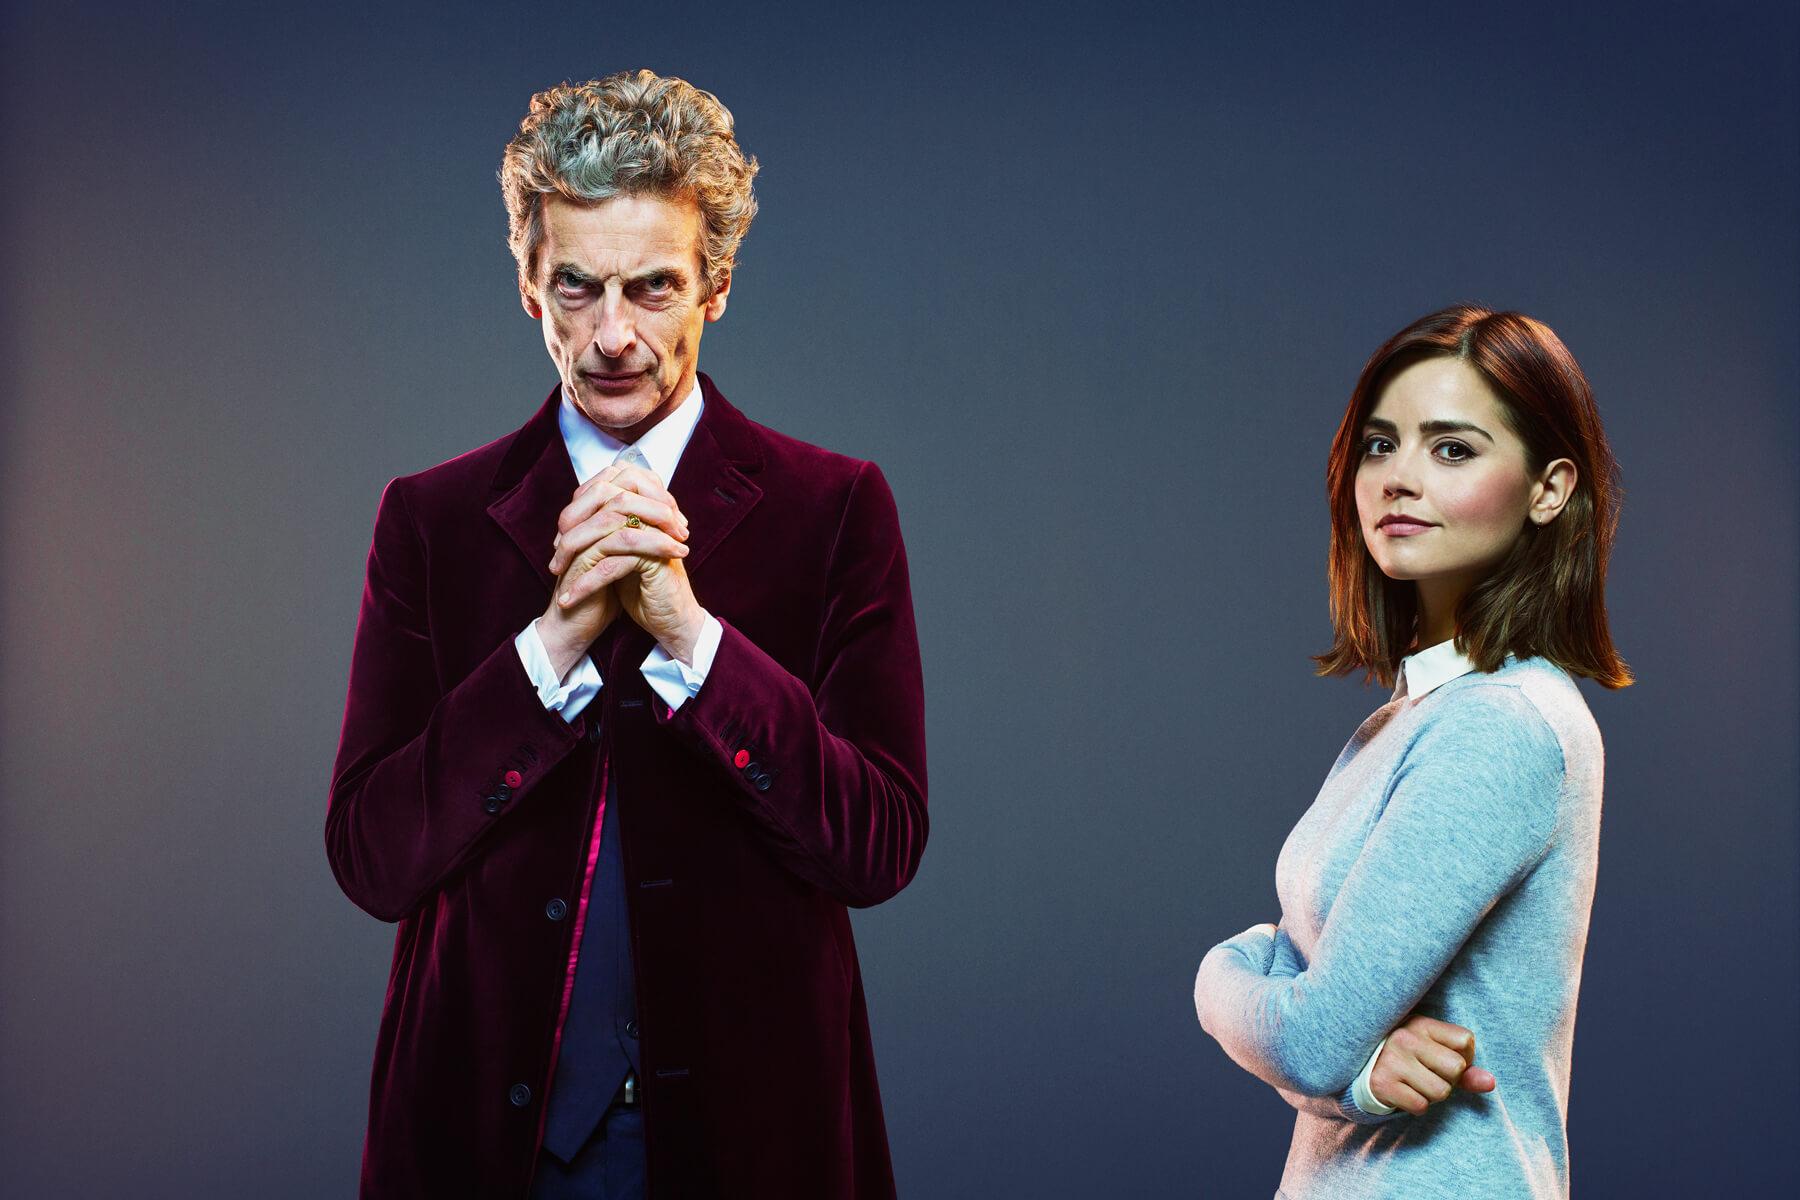 Review: Doctor Who (Season 9, Episode 8)